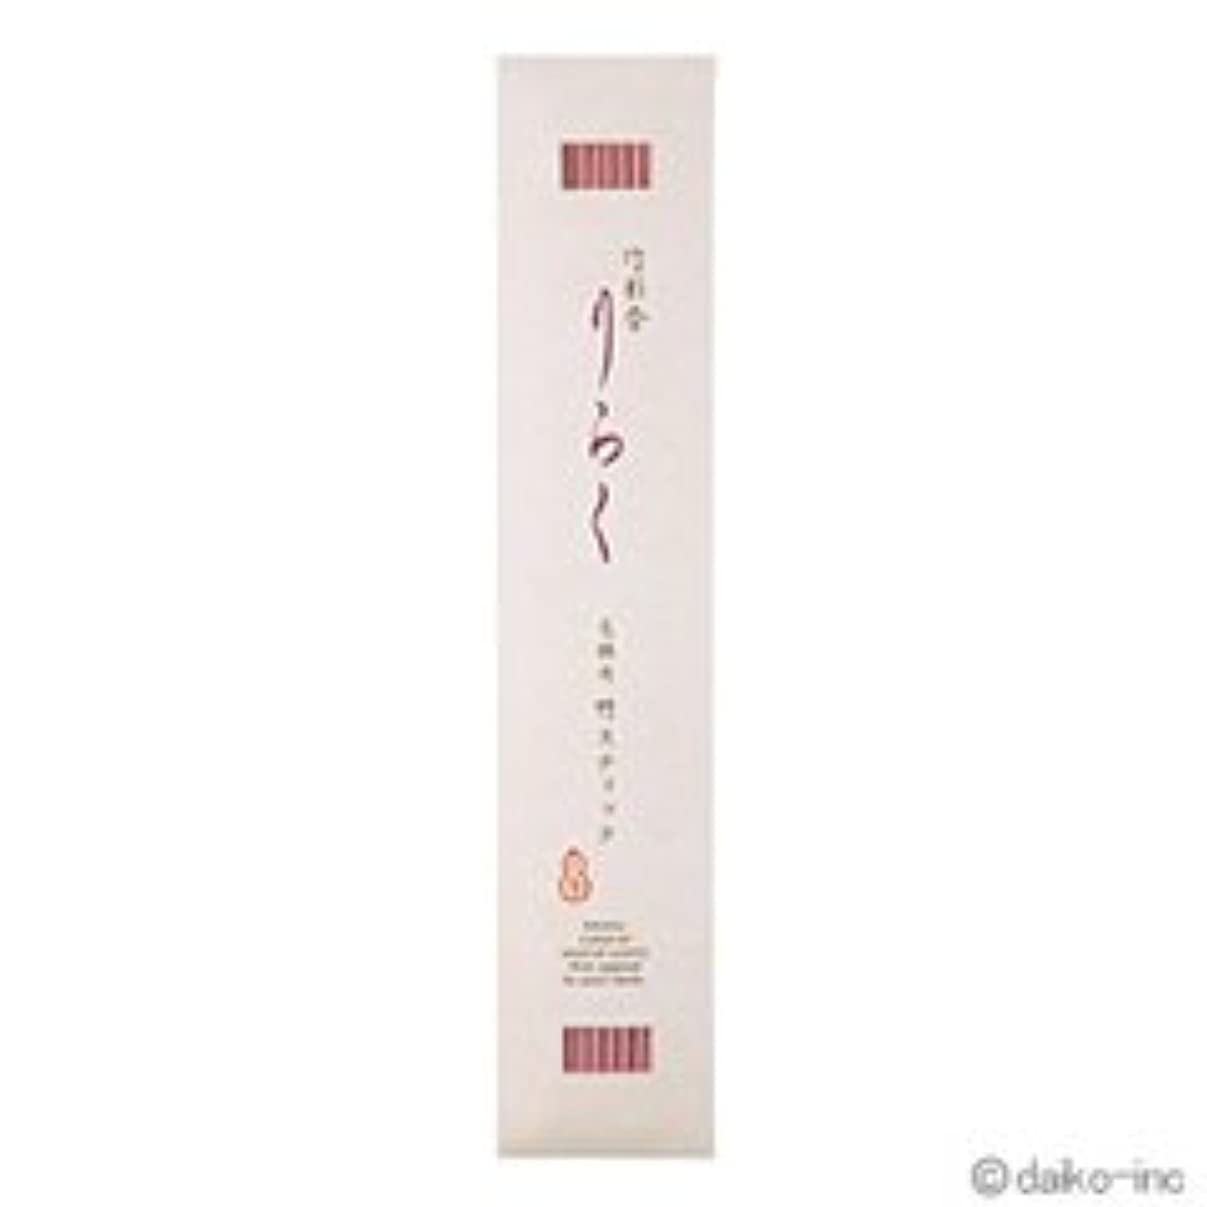 後継ベストホーム【大香】竹彩香(しさいこう) りらく 交換用竹スティック さくらの色 10本入